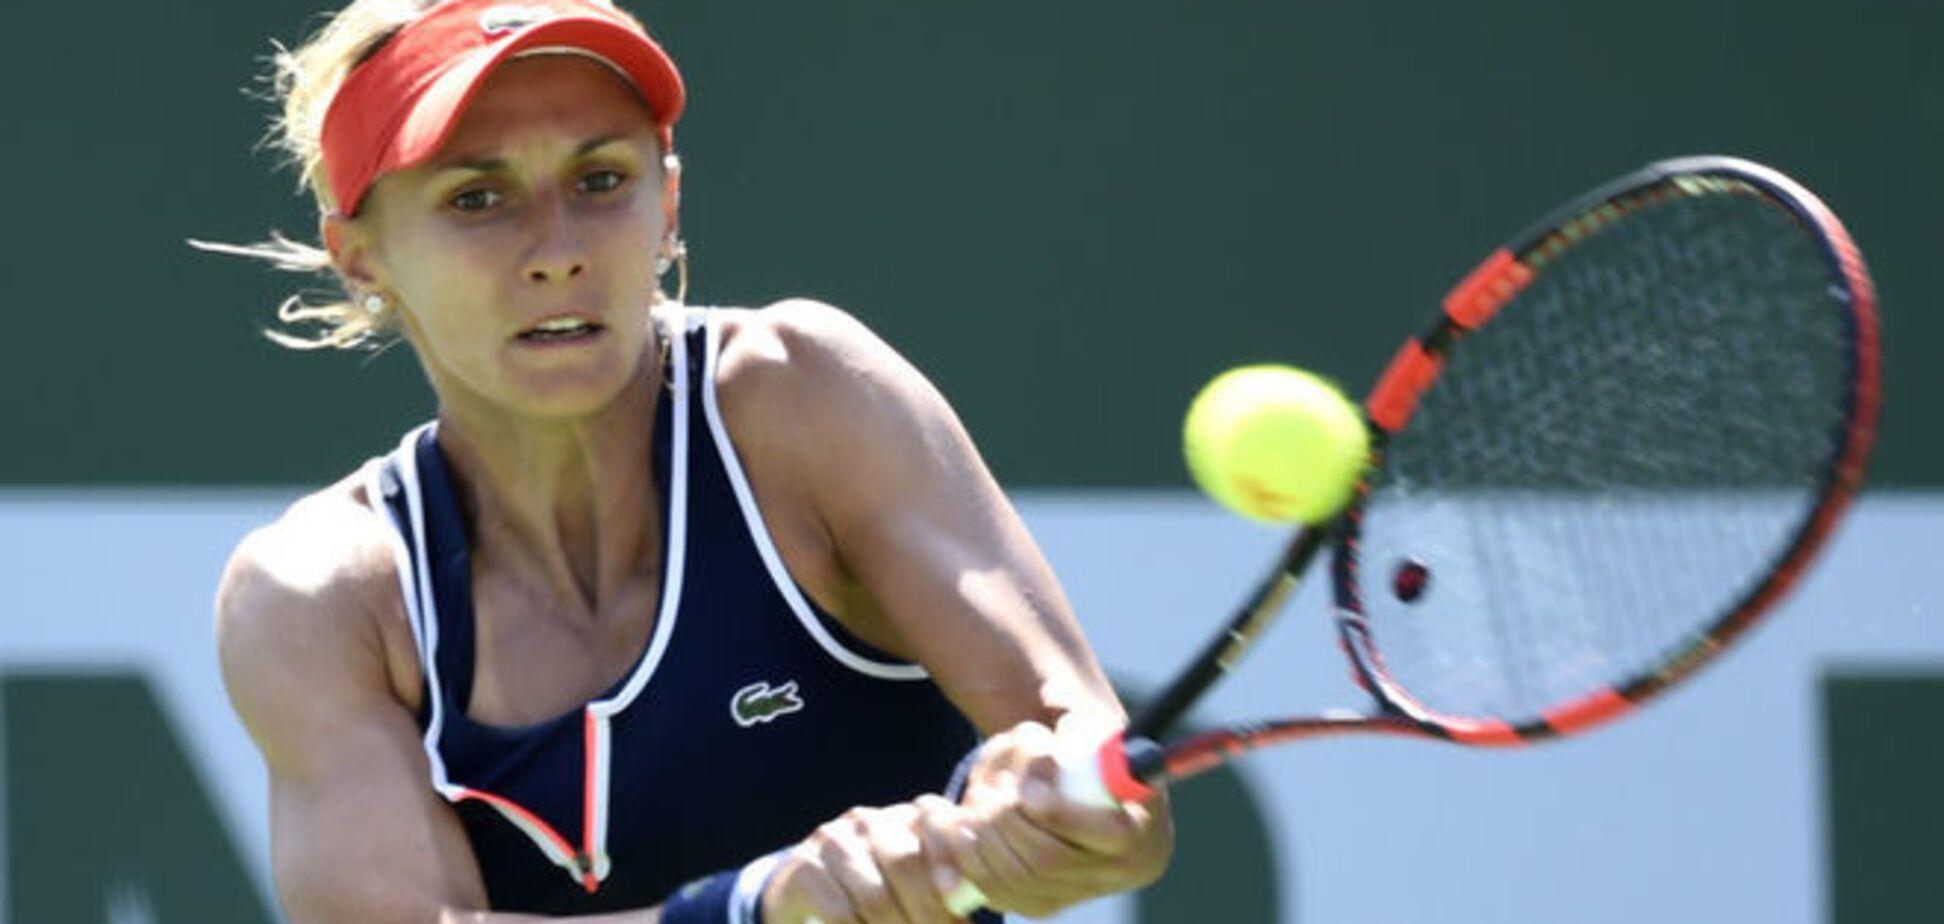 Украинская теннисистка сенсационно обыграла россиянку на турнире в Турции